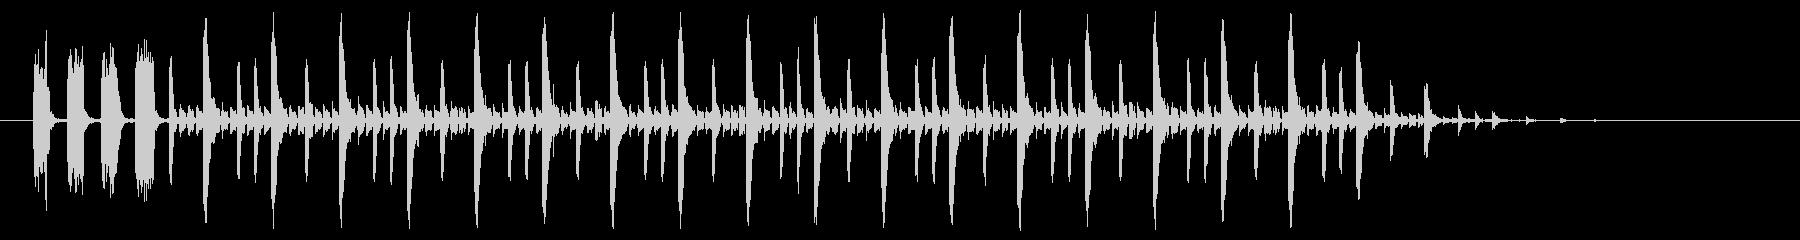 音楽電子クールグルーヴ-ミュージカ...の未再生の波形